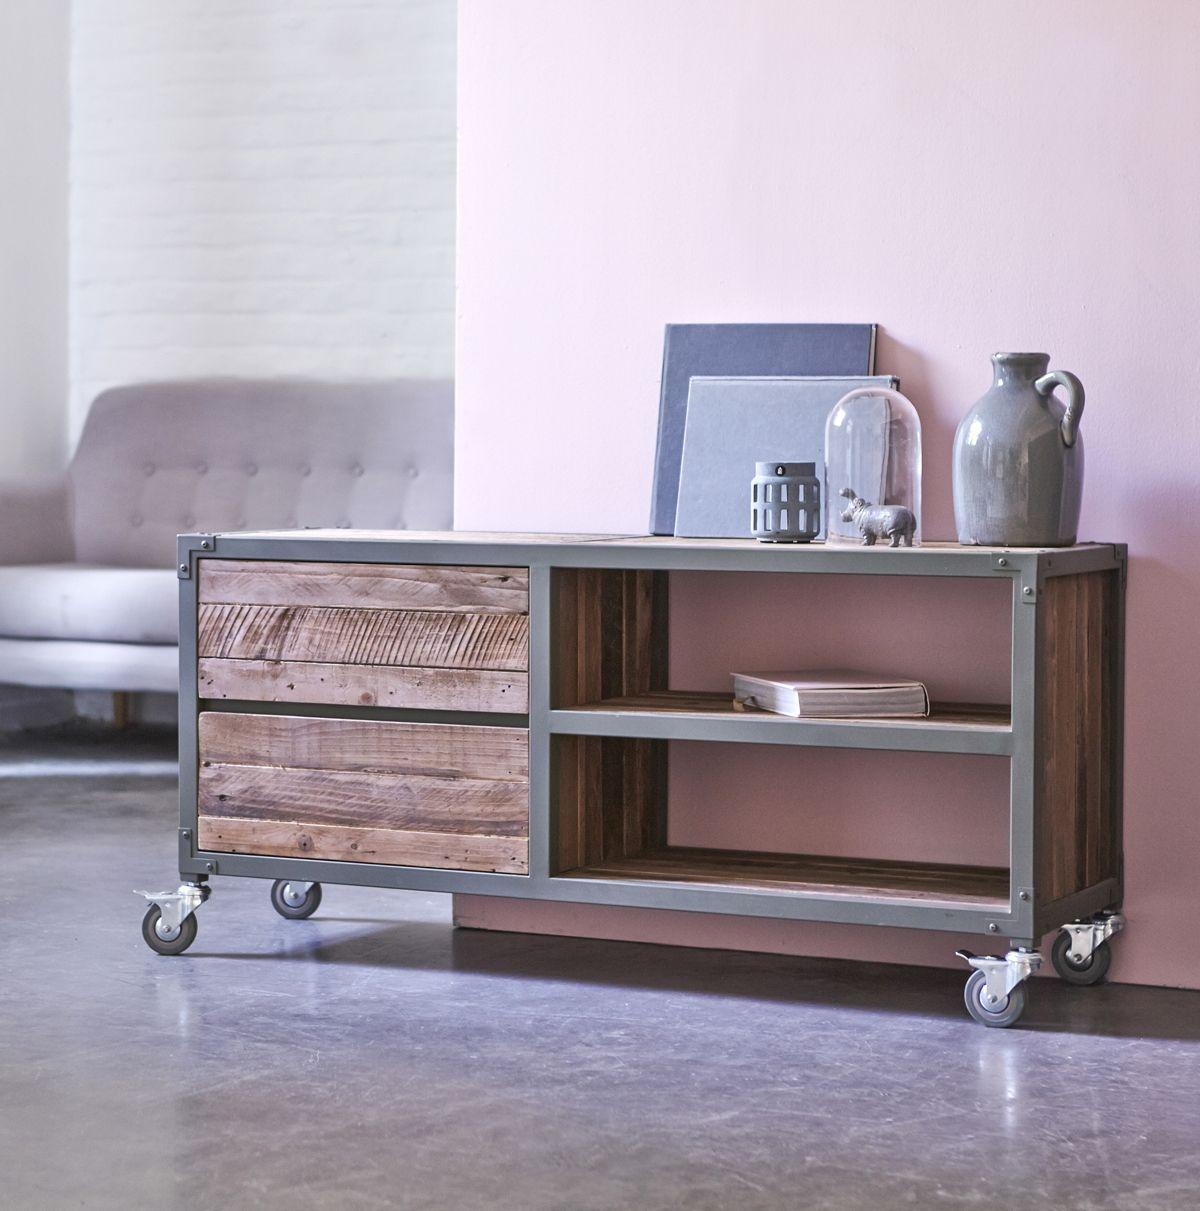 Meuble Tv En Bois Recycles Et Metal Peint 120 Atelier Kaki Mobilier De Salon Mobilier En Bois Diy Meuble